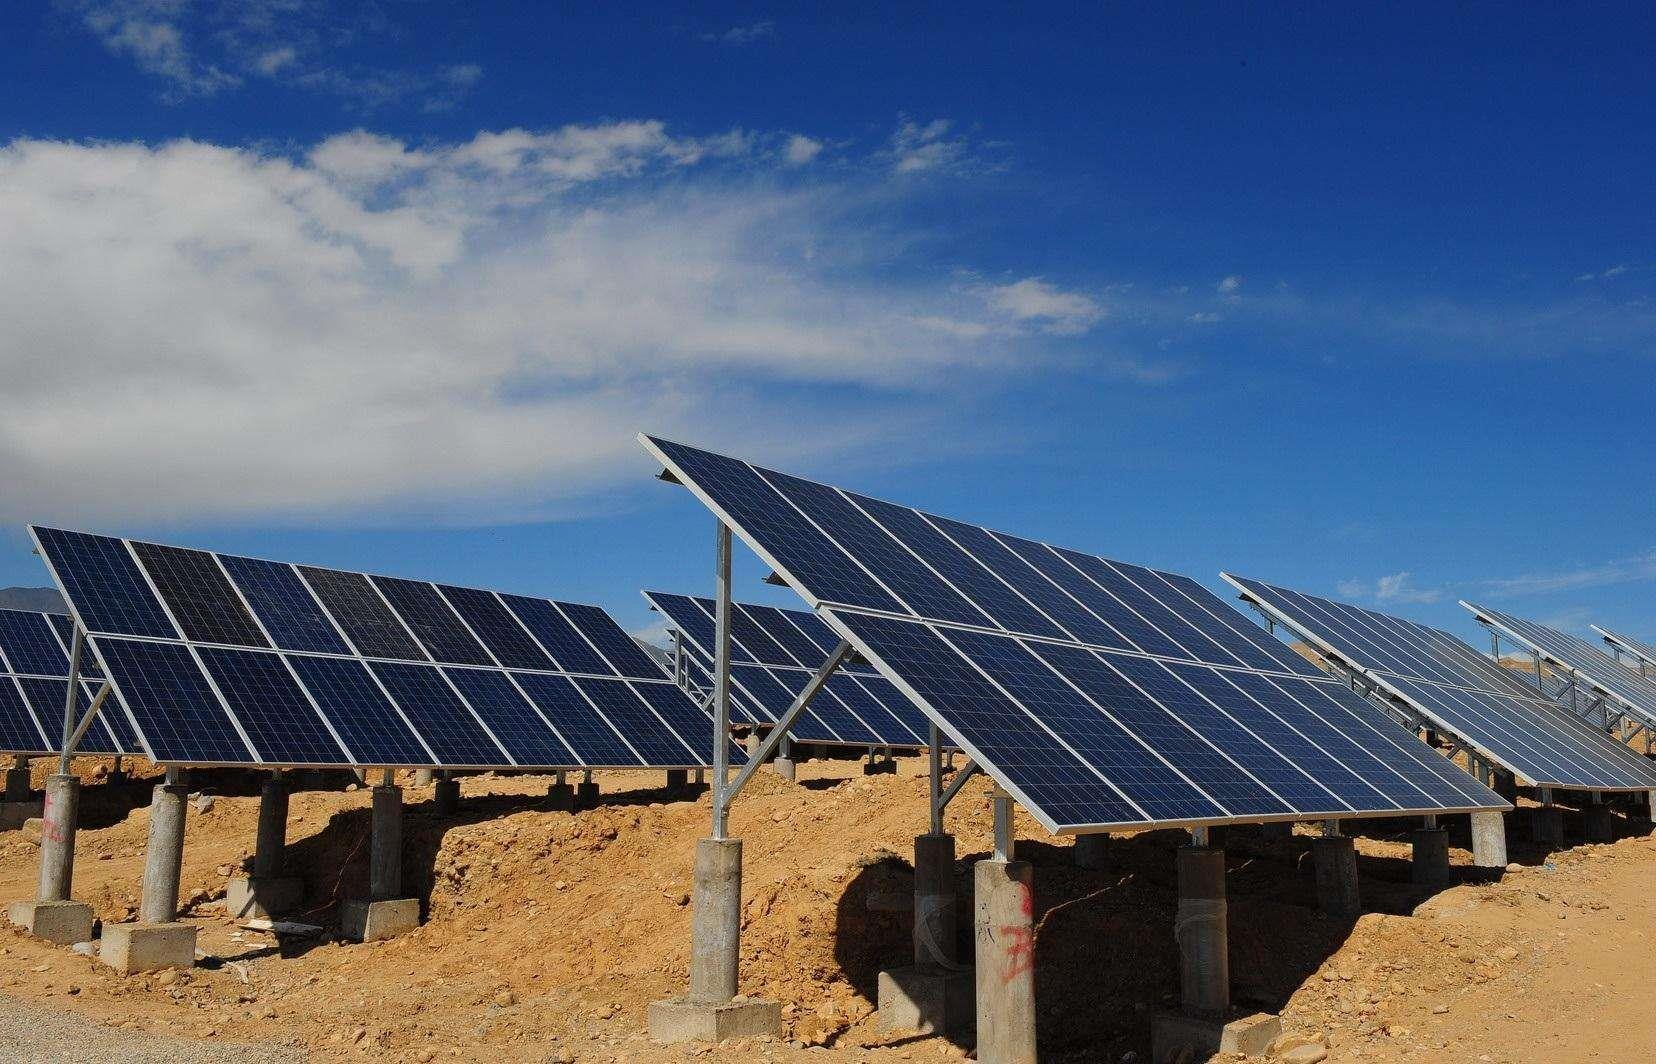 1-5月新疆光伏发电运行良好 弃电量、弃光率双降